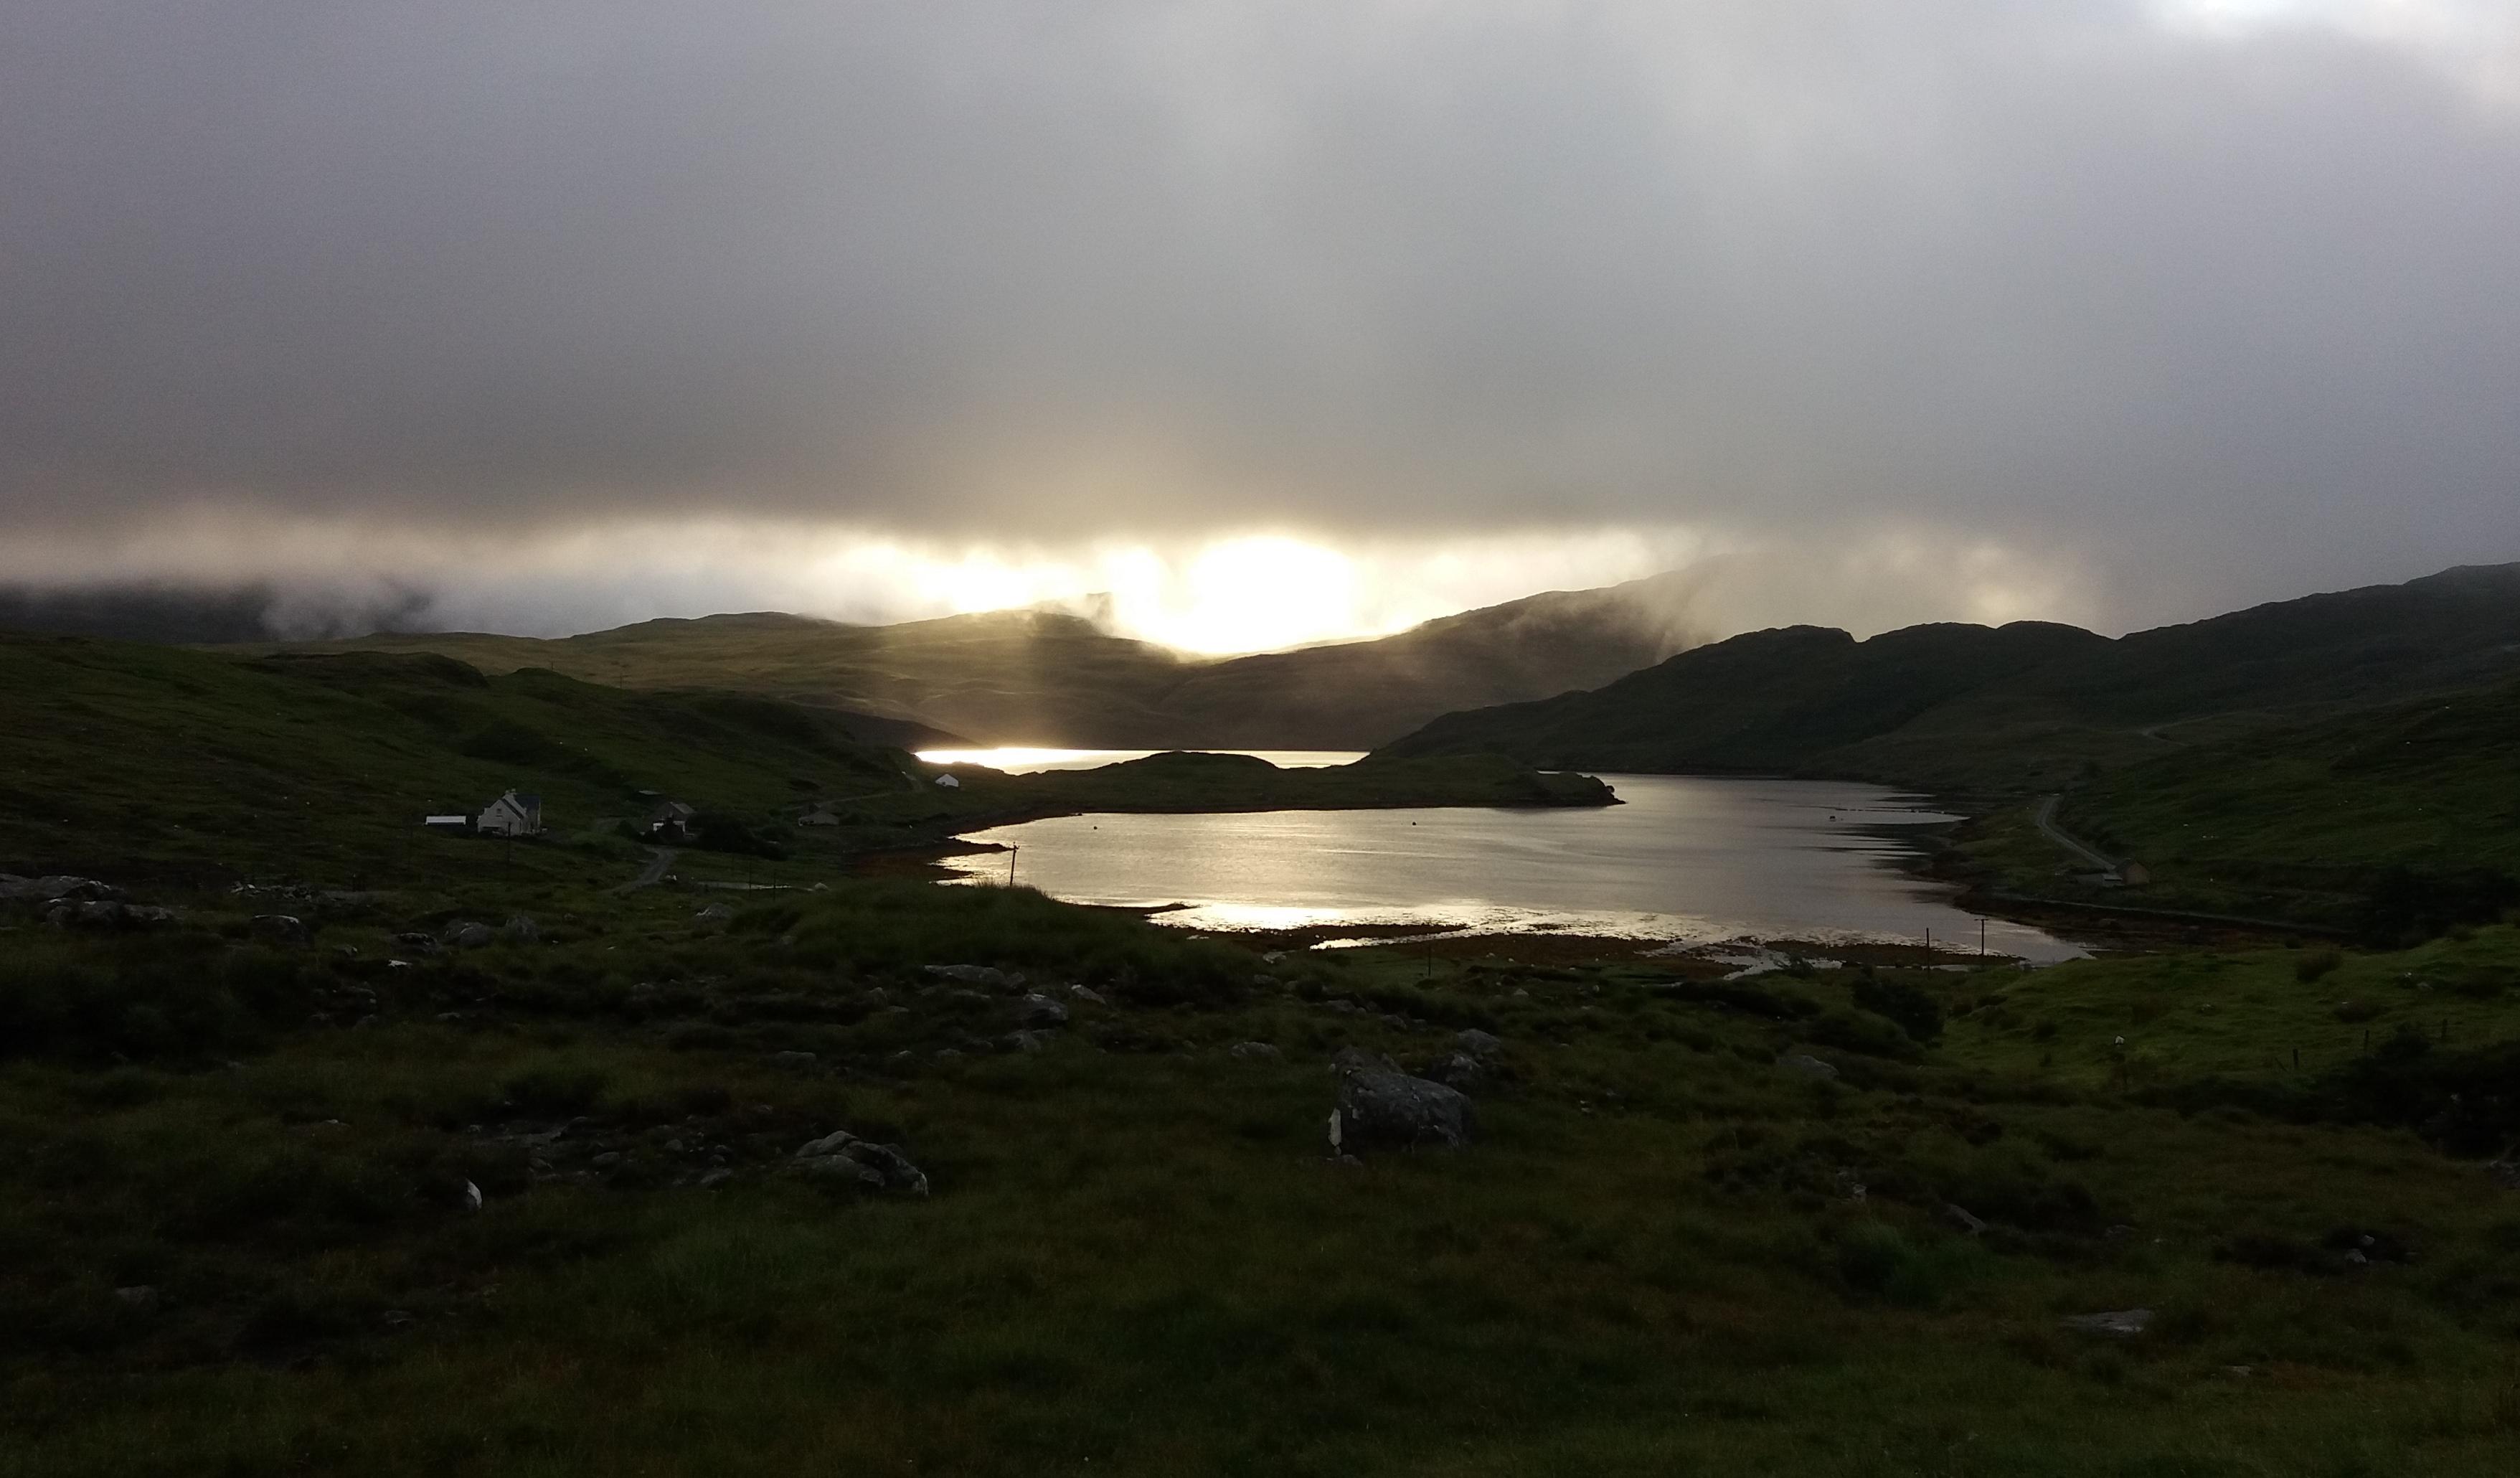 východ slunce na Isle of Harris